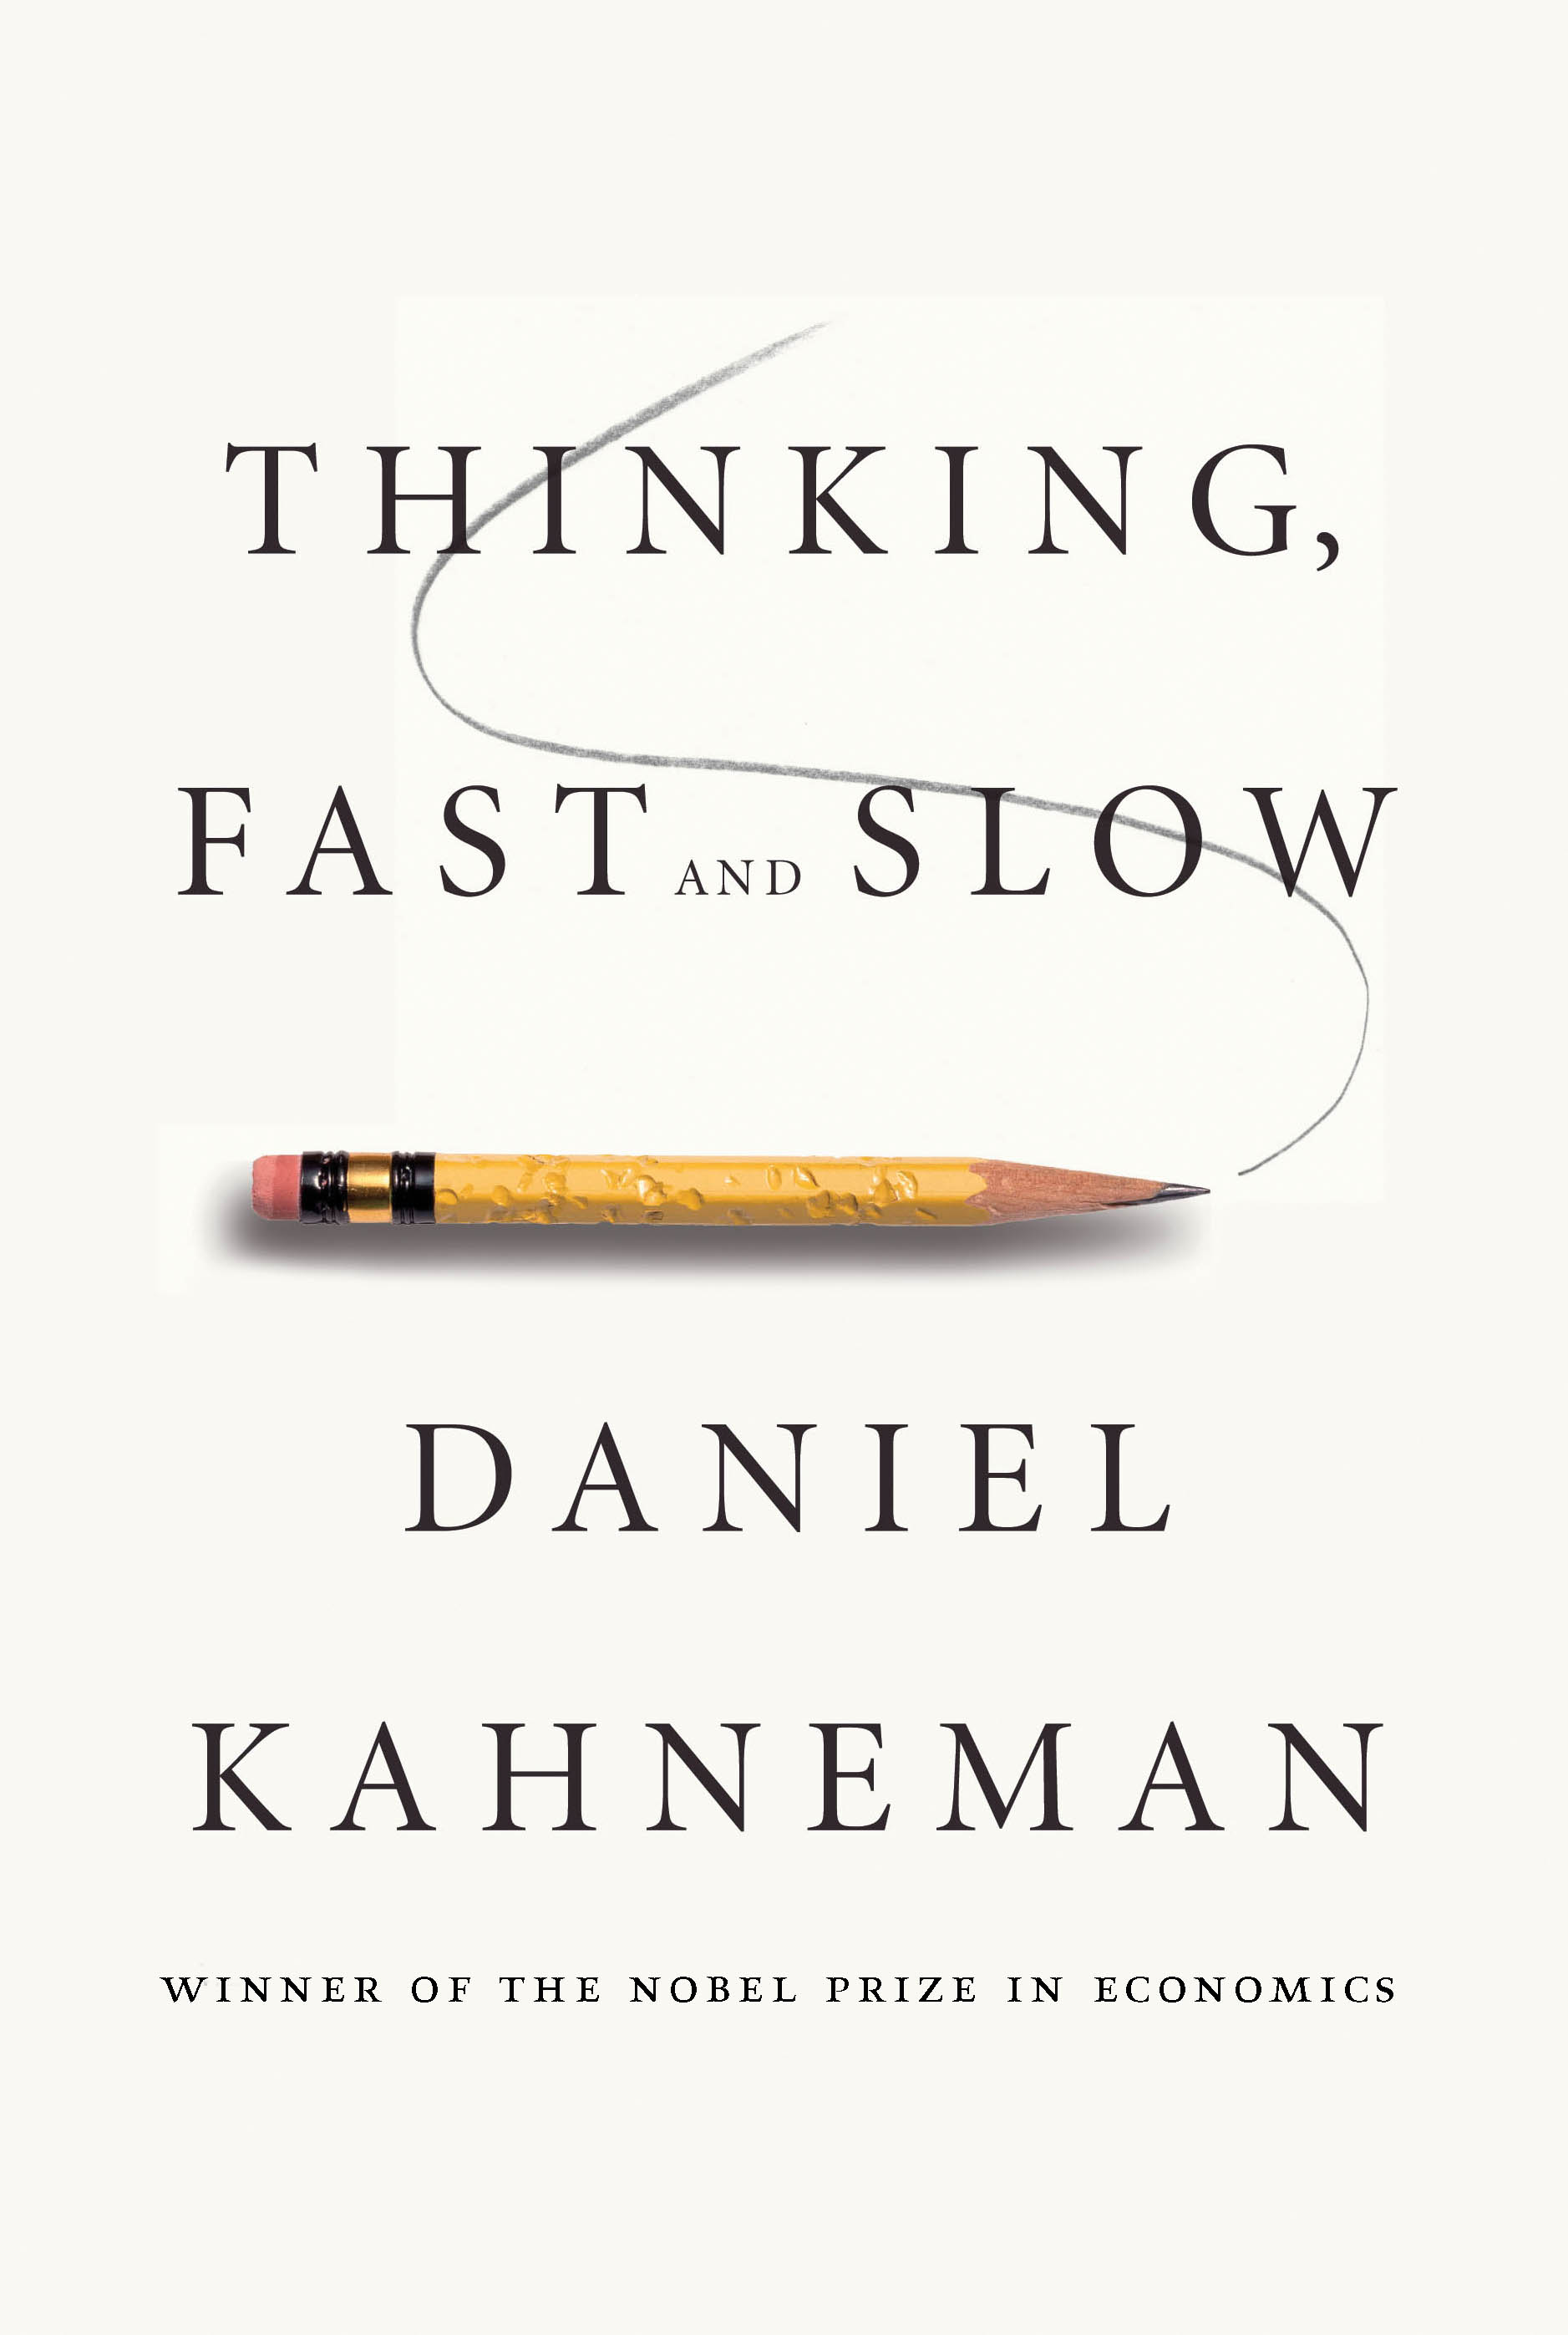 Pensieri lenti e veloci